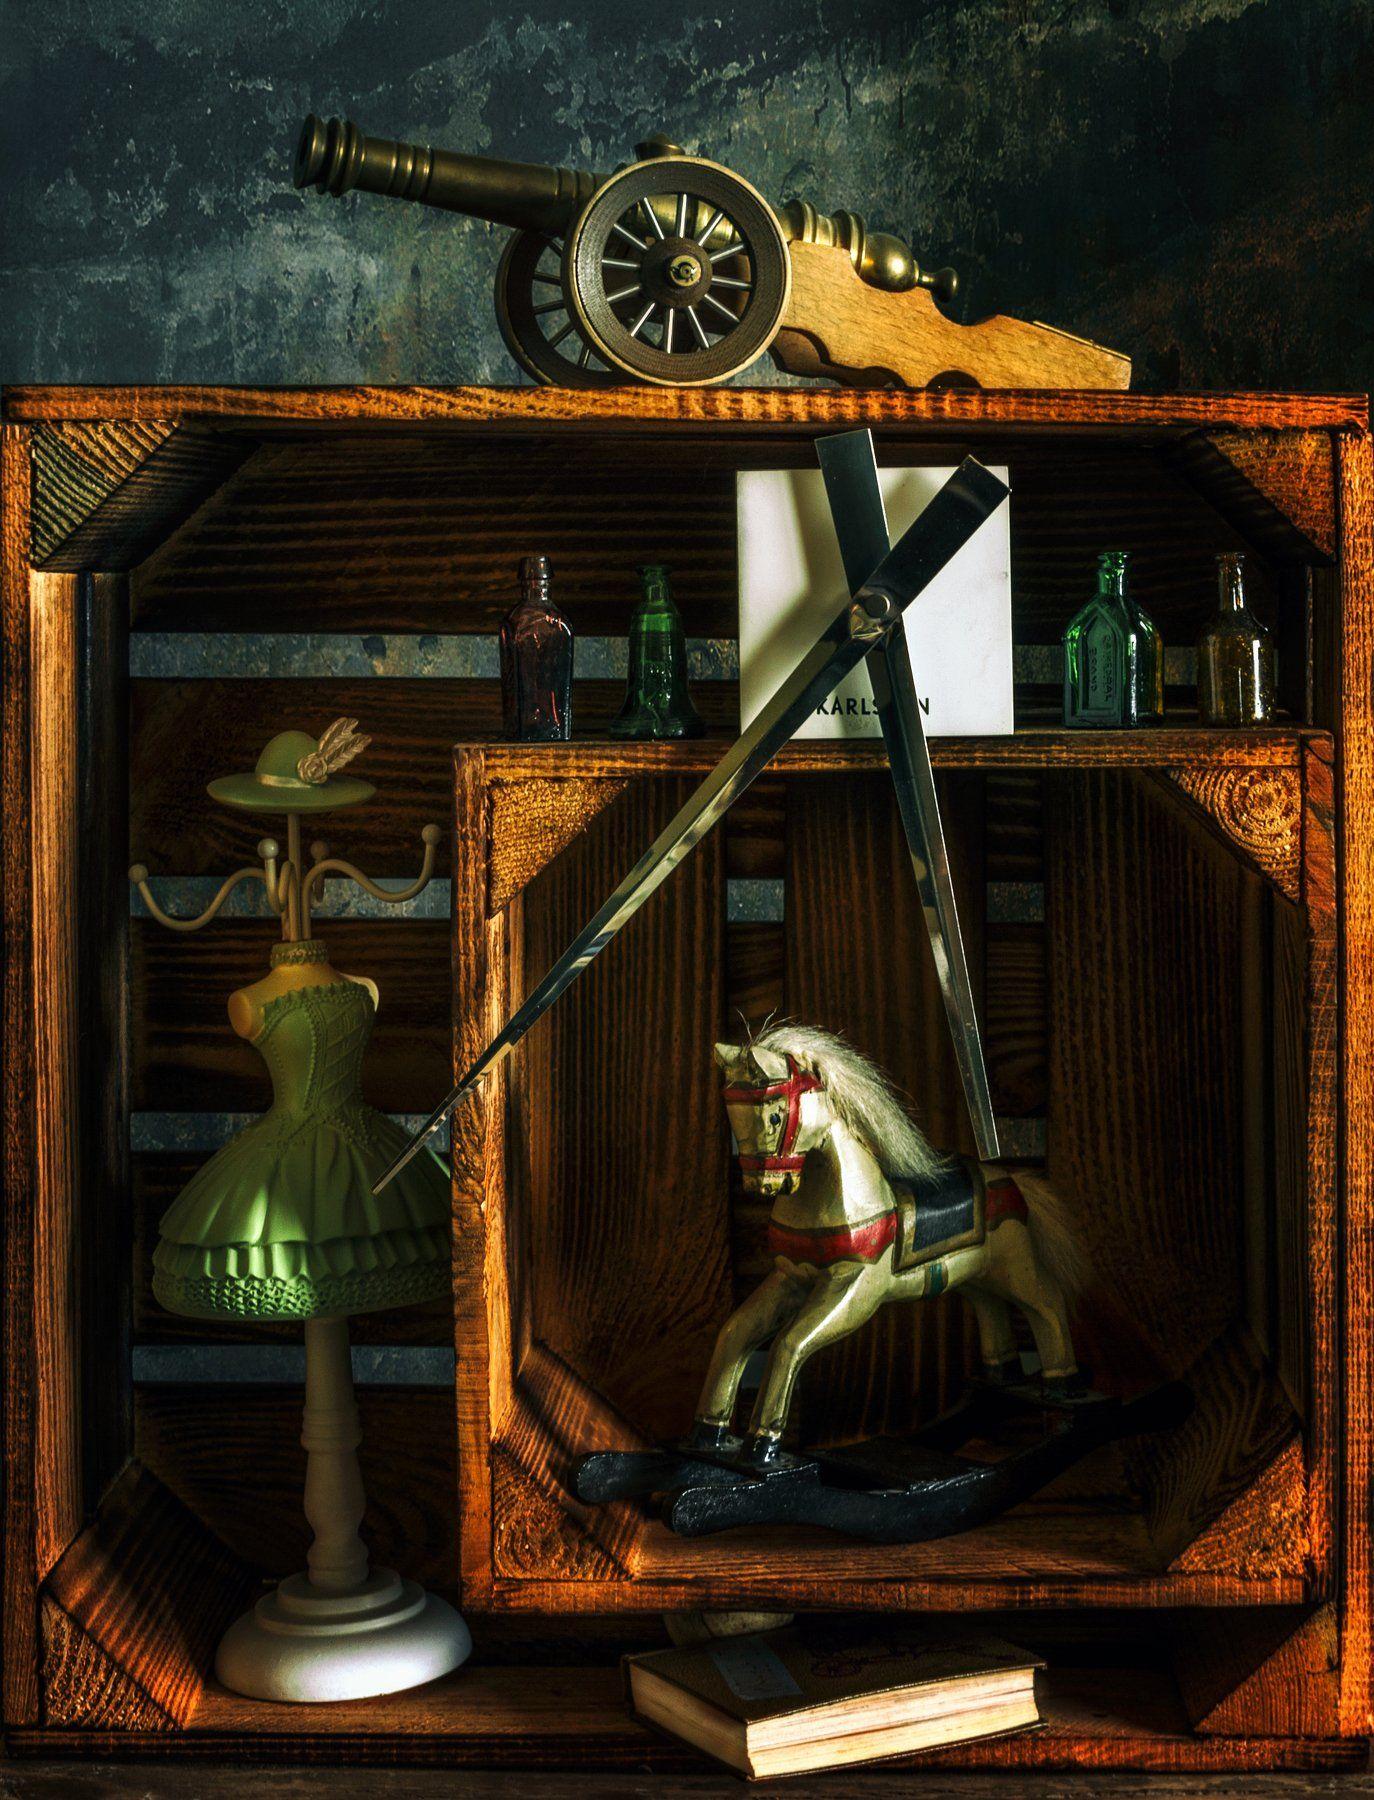 still life, натюрморт, книга, винтаж, ретро, часы, стрелки, бутылка, бутылочки, пушка, игрушка, лошадка, фигурка, вешалка, ящик, коробка, Михаил MSH